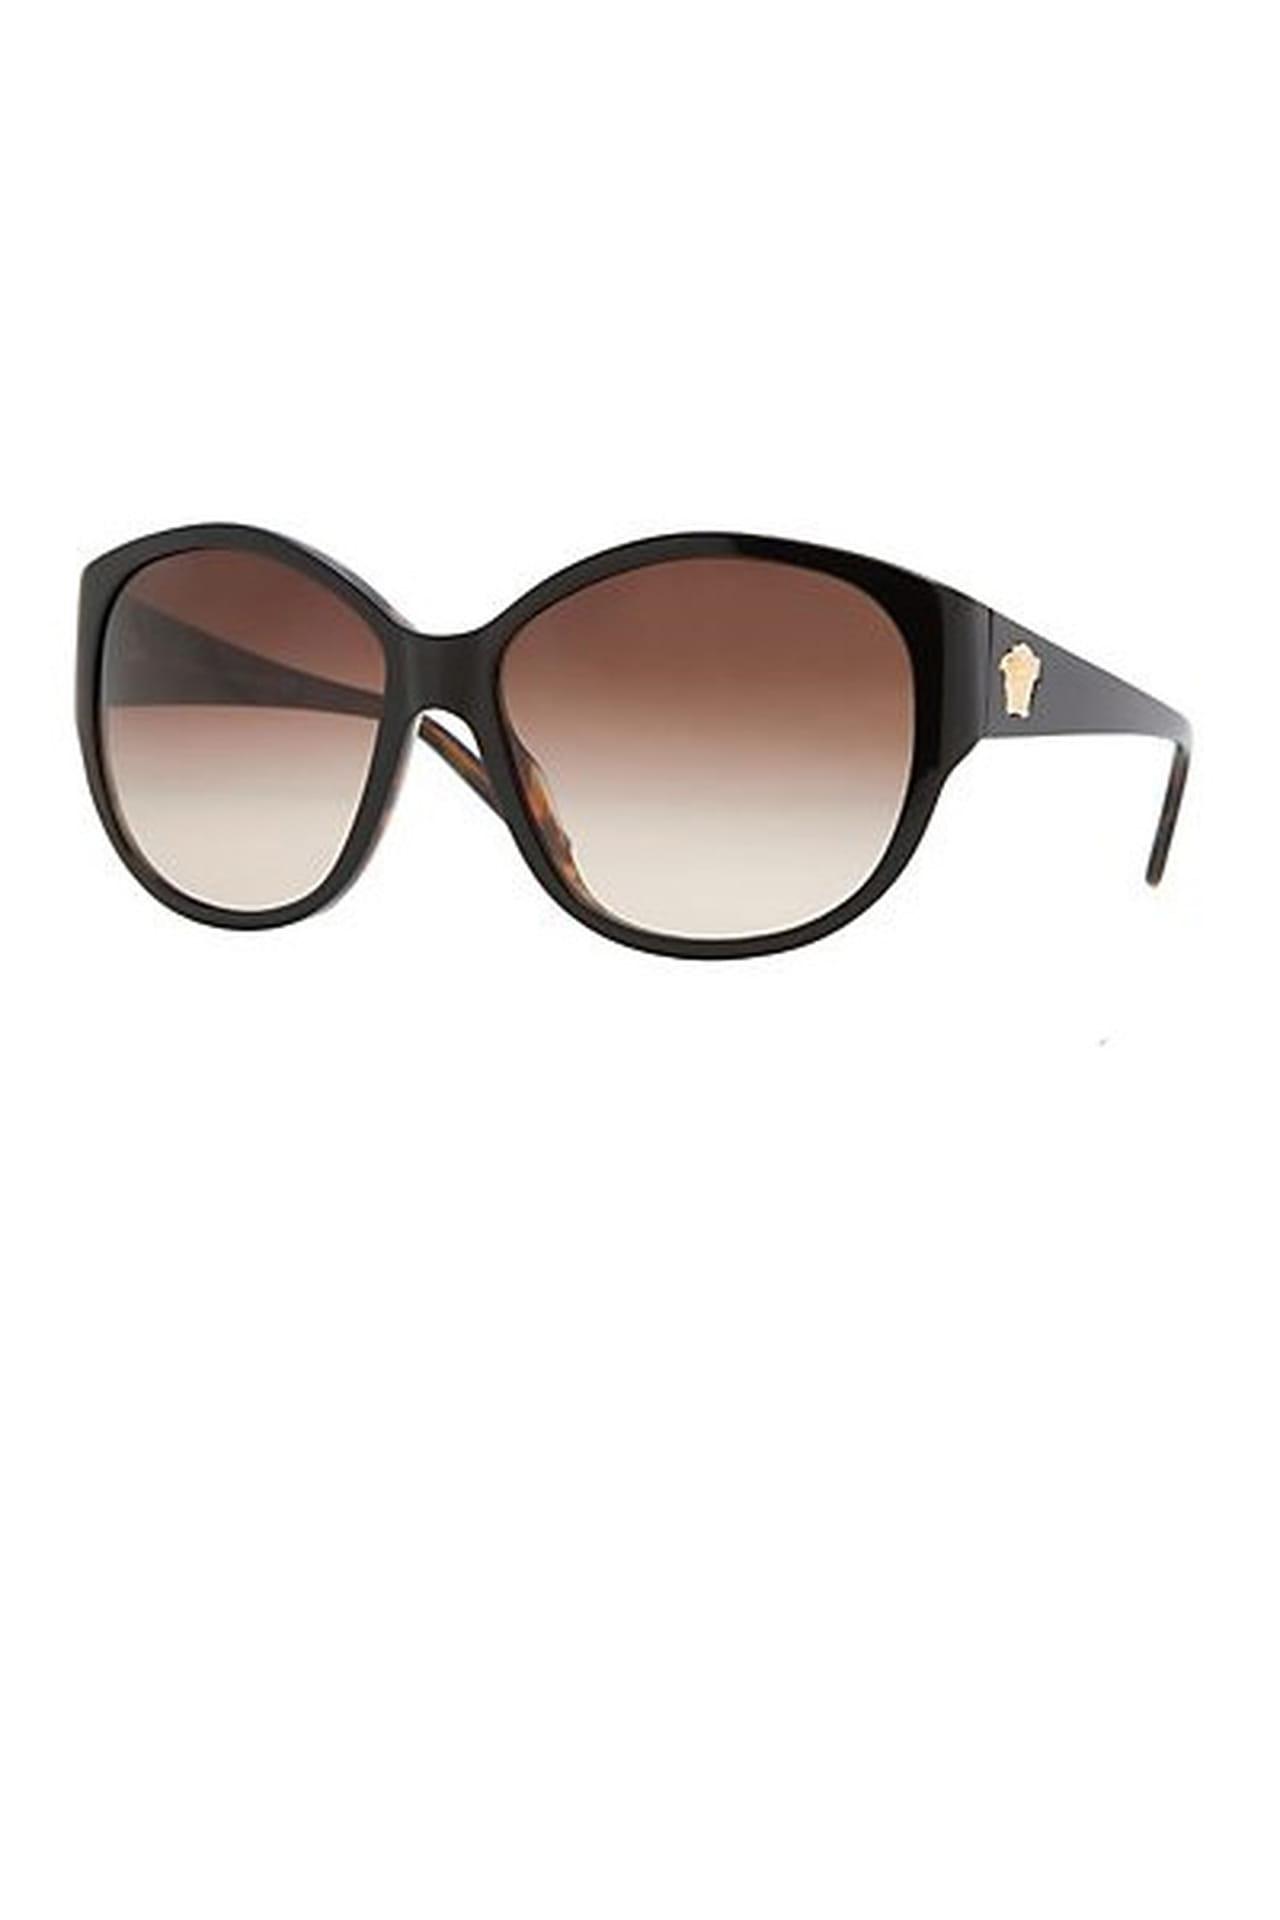 d21b123b0 نظارة شمسية كلاسيكية سوداء من Versace. من مجموعة Versace لربيع وصيف 2013